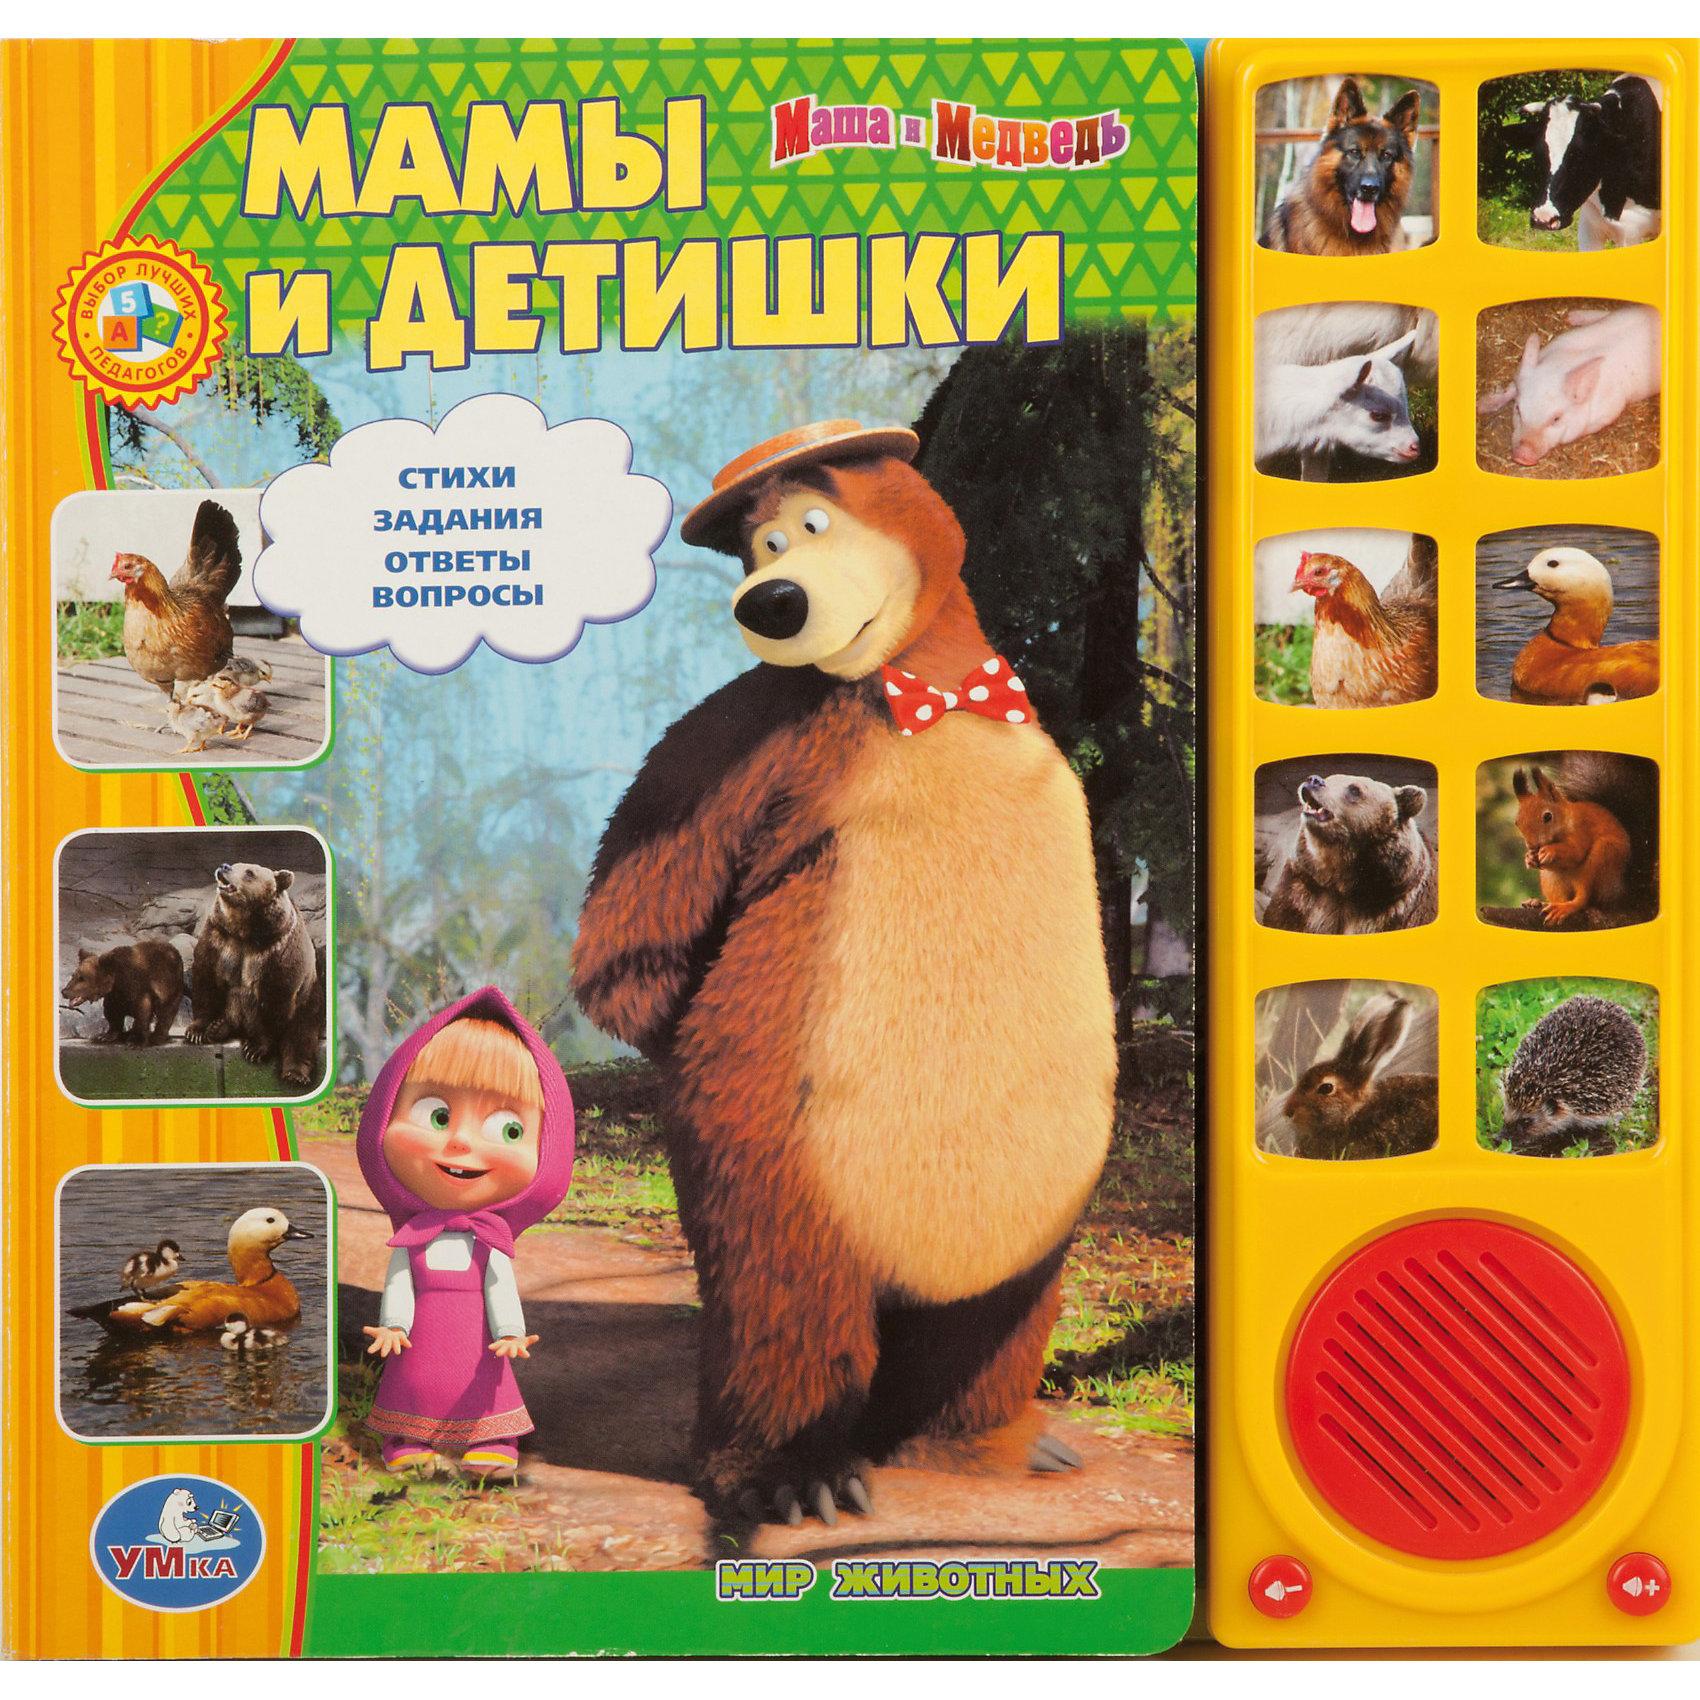 Книга с 10 кнопкамиМамы и детишки, Маша и МедведьКнига с песенкой Маша и медведь. Мамы и детишки компактная книга из прочного безопасного картона с кнопкой для прослушивания песенки из мультфильма - лучший выбор для первого чтения малышу. <br><br>Маша и Медведь из одноименного мультфильма учат малыша различать животных и их детишек. На каждой страничке  коротенькие стихи и загадки для вашего ребенка. Малыш сможет выучить названия 10 животных и их детенышей (собака и щенок, корова и теленок, коза и козленок, свинья и поросенок, медведица и медвежонок, белка и бельчонок, зайчиха и зайчонок, ежик и ежонок).  Книга имеет 10 звуковых кнопок с изображениями животных, нажав на которые можно услышать название животного и детеныша, а также звуки, характерные для каждого из них.<br><br>Дополнительная информация:<br><br>Вес: 490 гр.<br>Размеры: 250 (Д)х 230(Ш)х 20(В) мм<br>Количество страниц: 10<br>Батарейки: 2 х ААА, демонстрационные батарейки входят в комплект <br><br>Обучающая озвученная книга с вопросами «Маша и медведь. Мамы и детишки» - это отличный подарок для ребенка!<br><br>Ширина мм: 250<br>Глубина мм: 230<br>Высота мм: 20<br>Вес г: 490<br>Возраст от месяцев: 24<br>Возраст до месяцев: 60<br>Пол: Унисекс<br>Возраст: Детский<br>SKU: 2607986